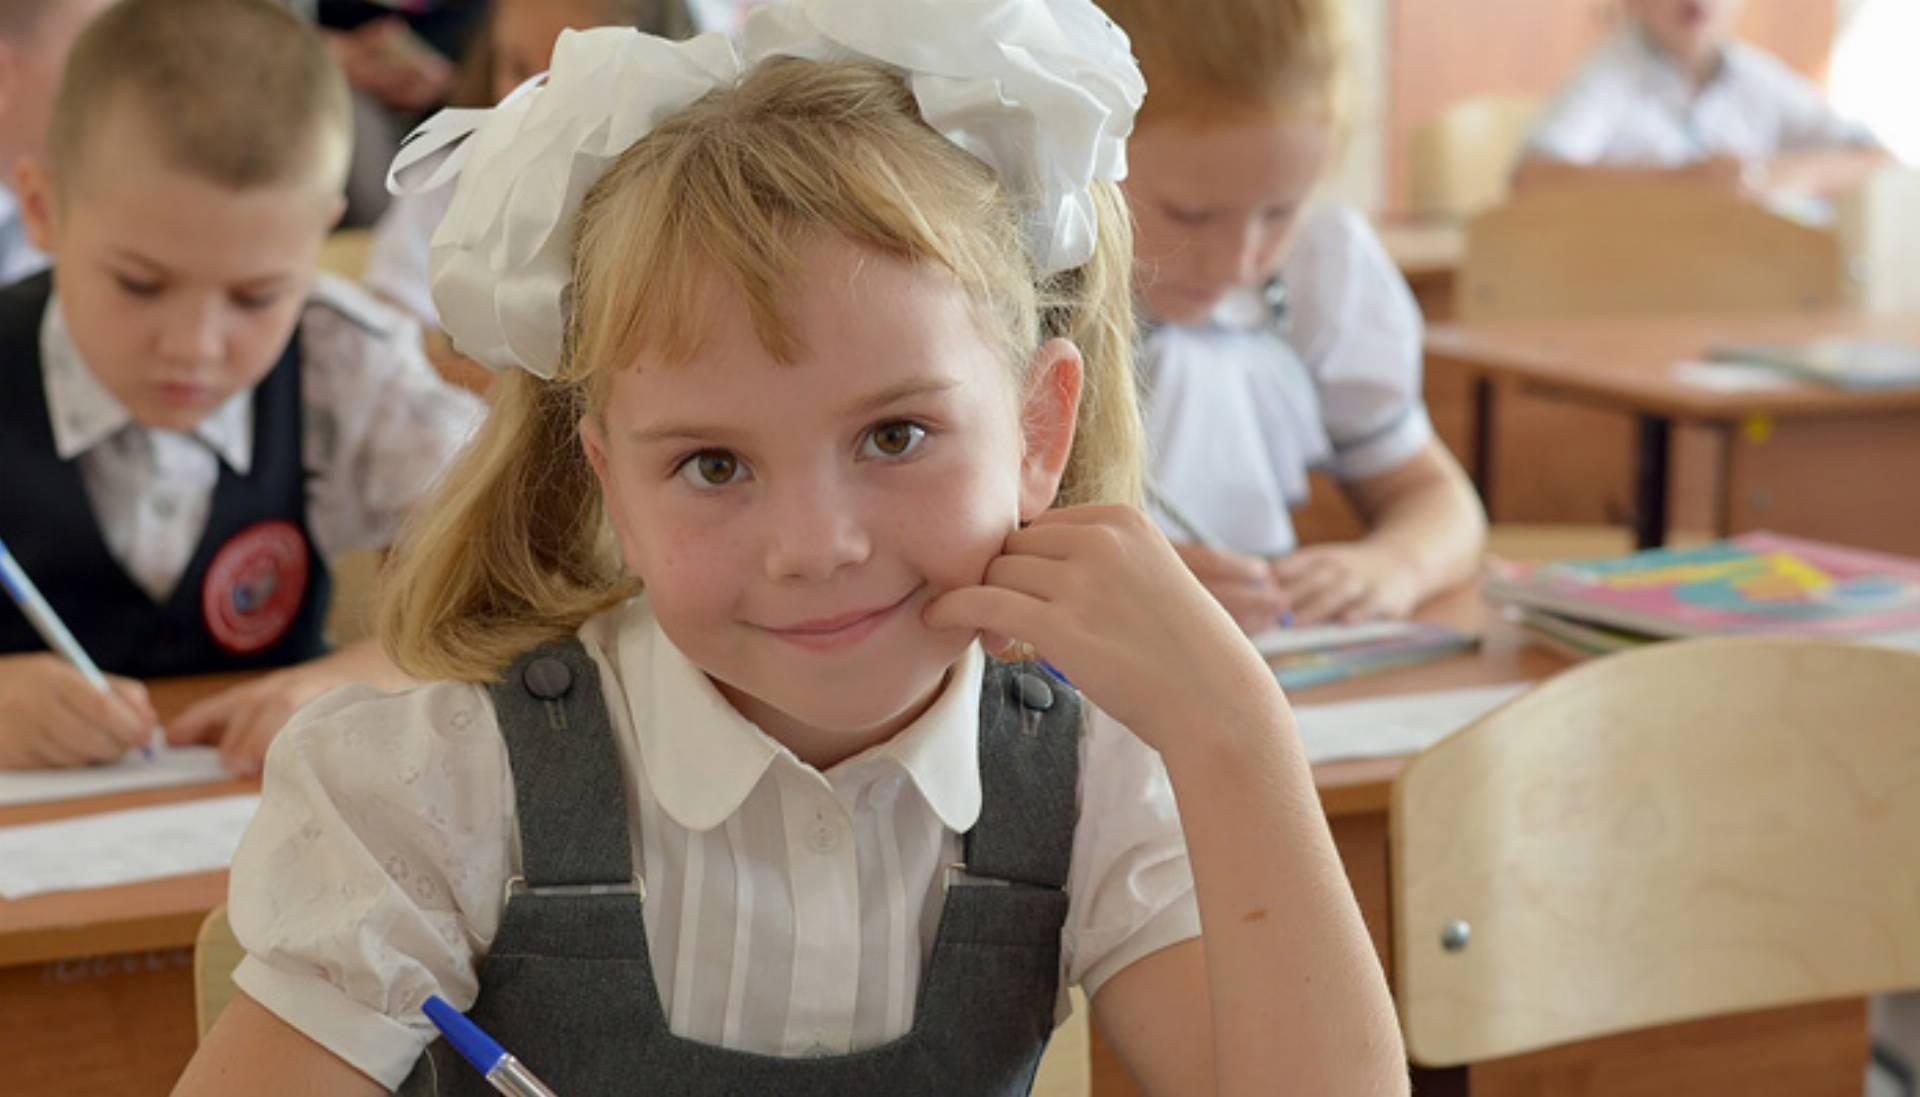 szkoła uczeń uczennica